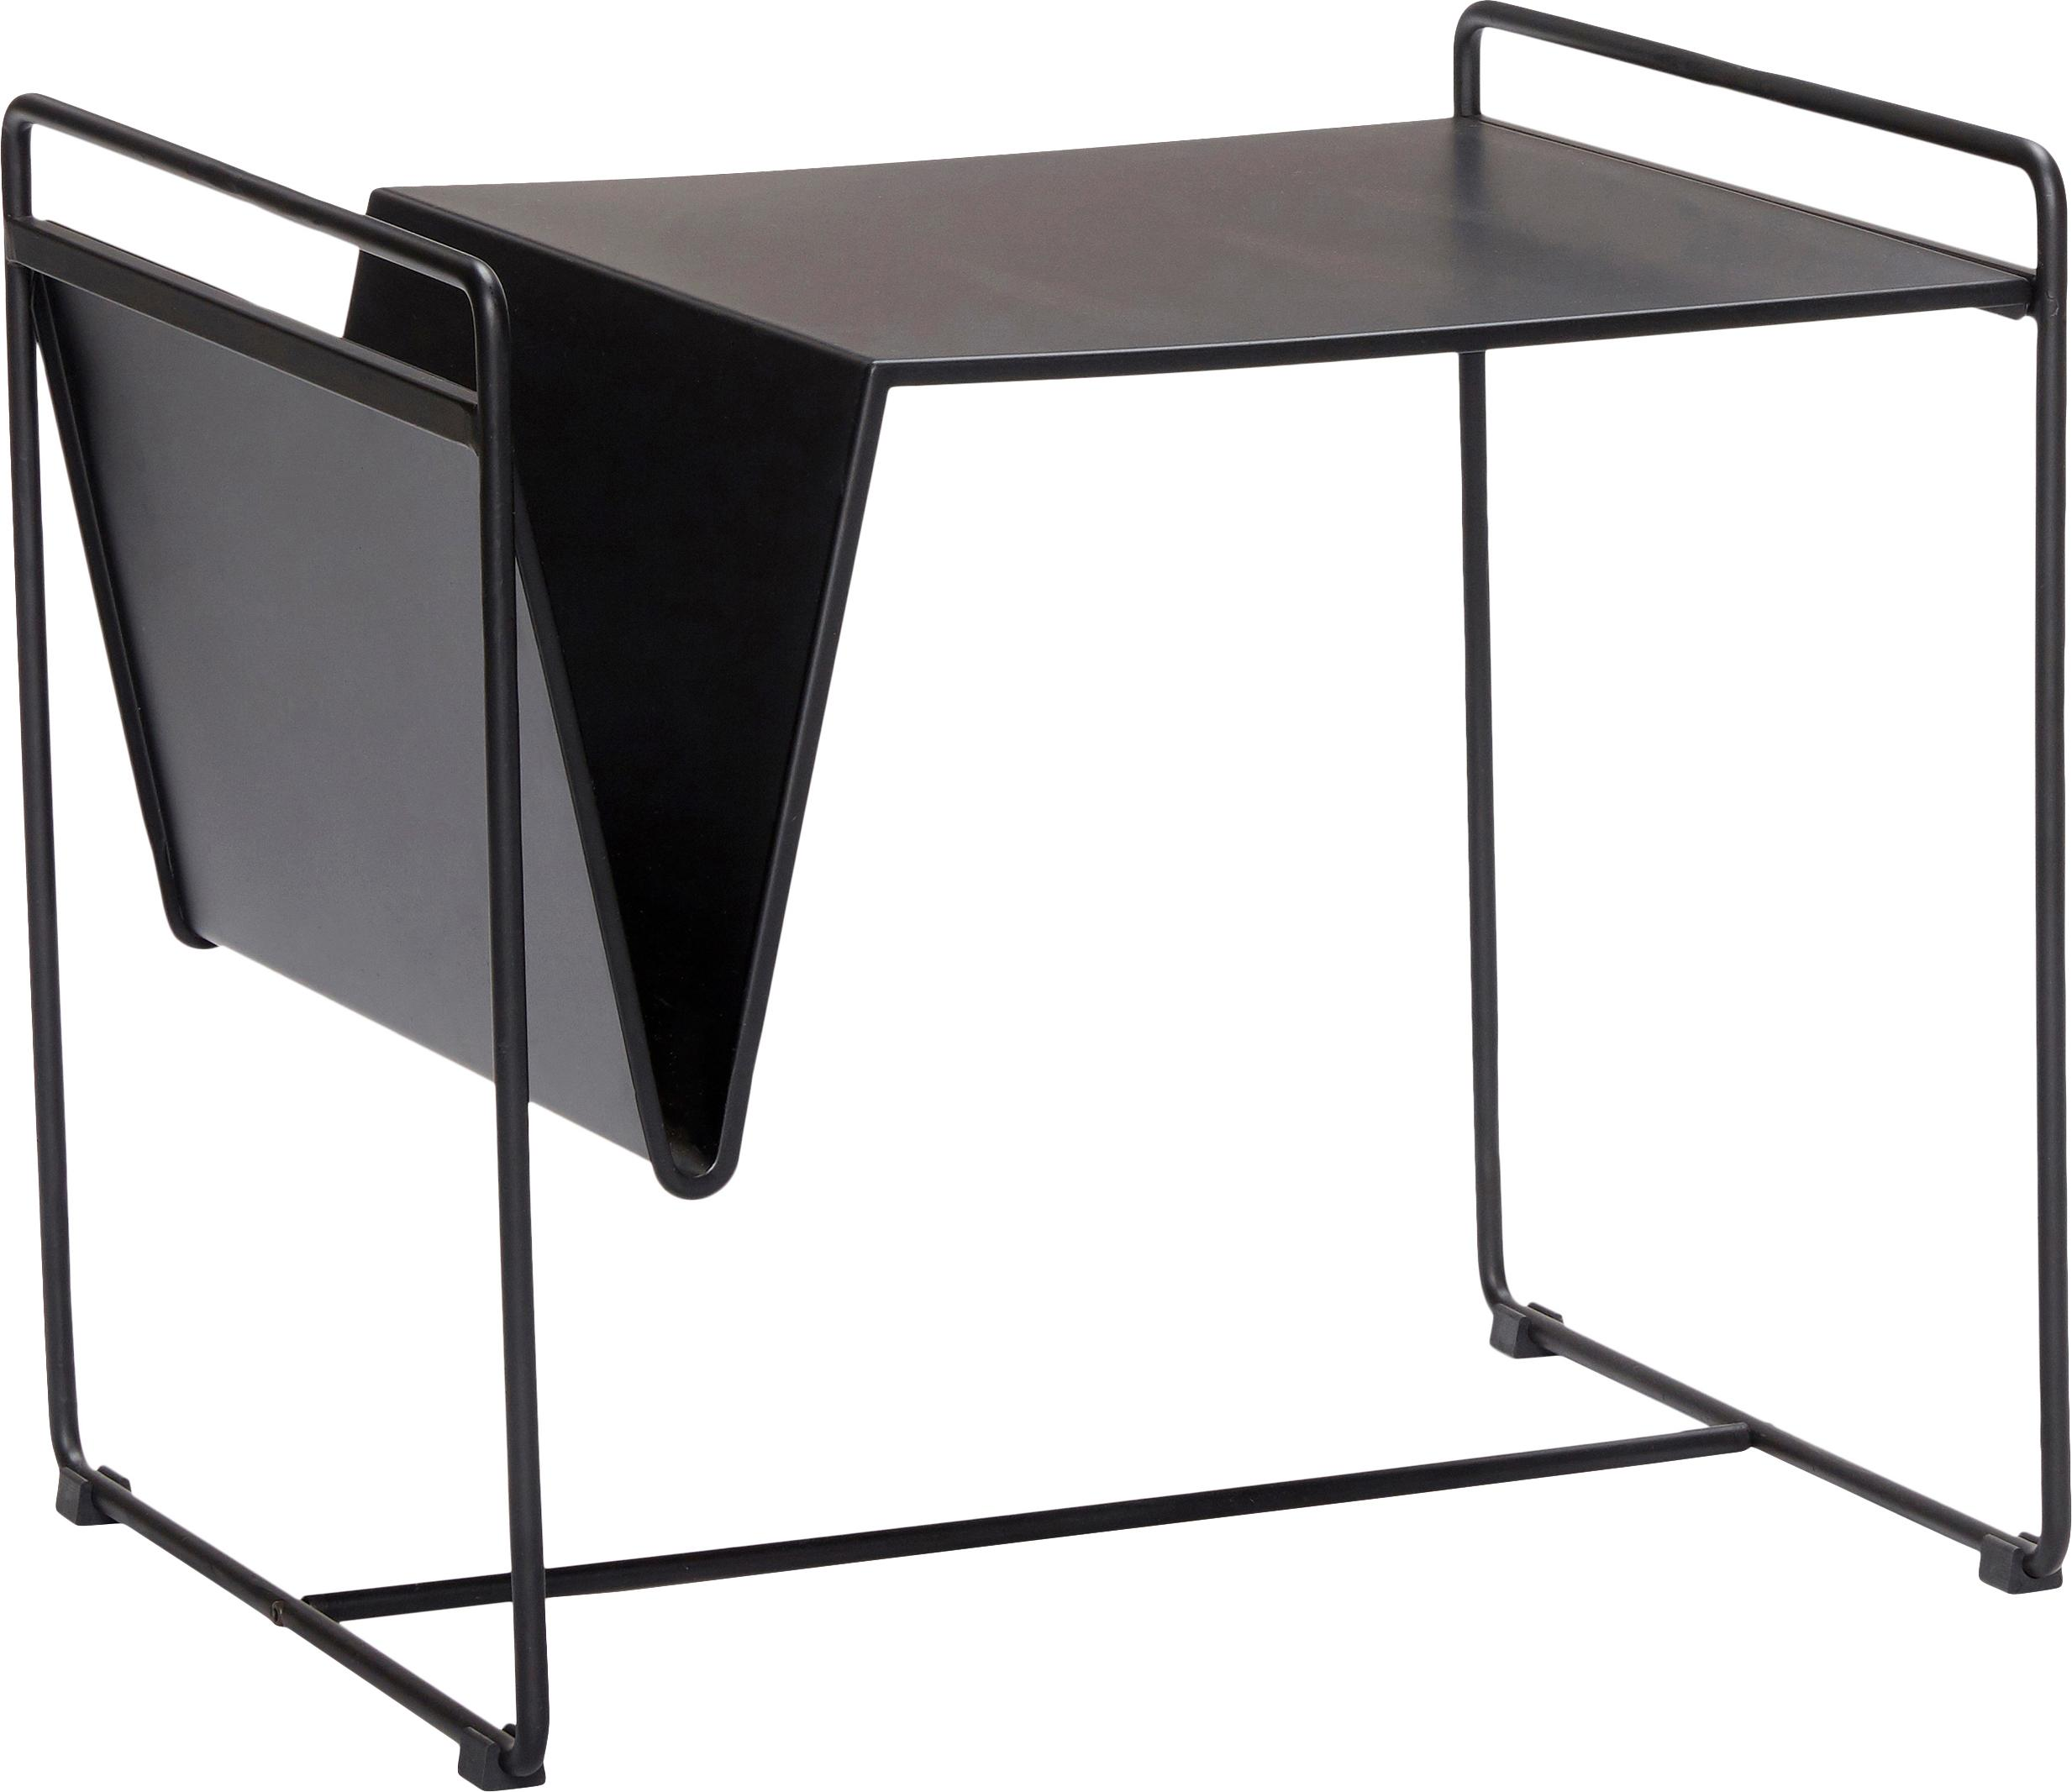 Stolik pomocniczy Nolla, Metal lakierowany, Czarny, S 54 x W 47 cm